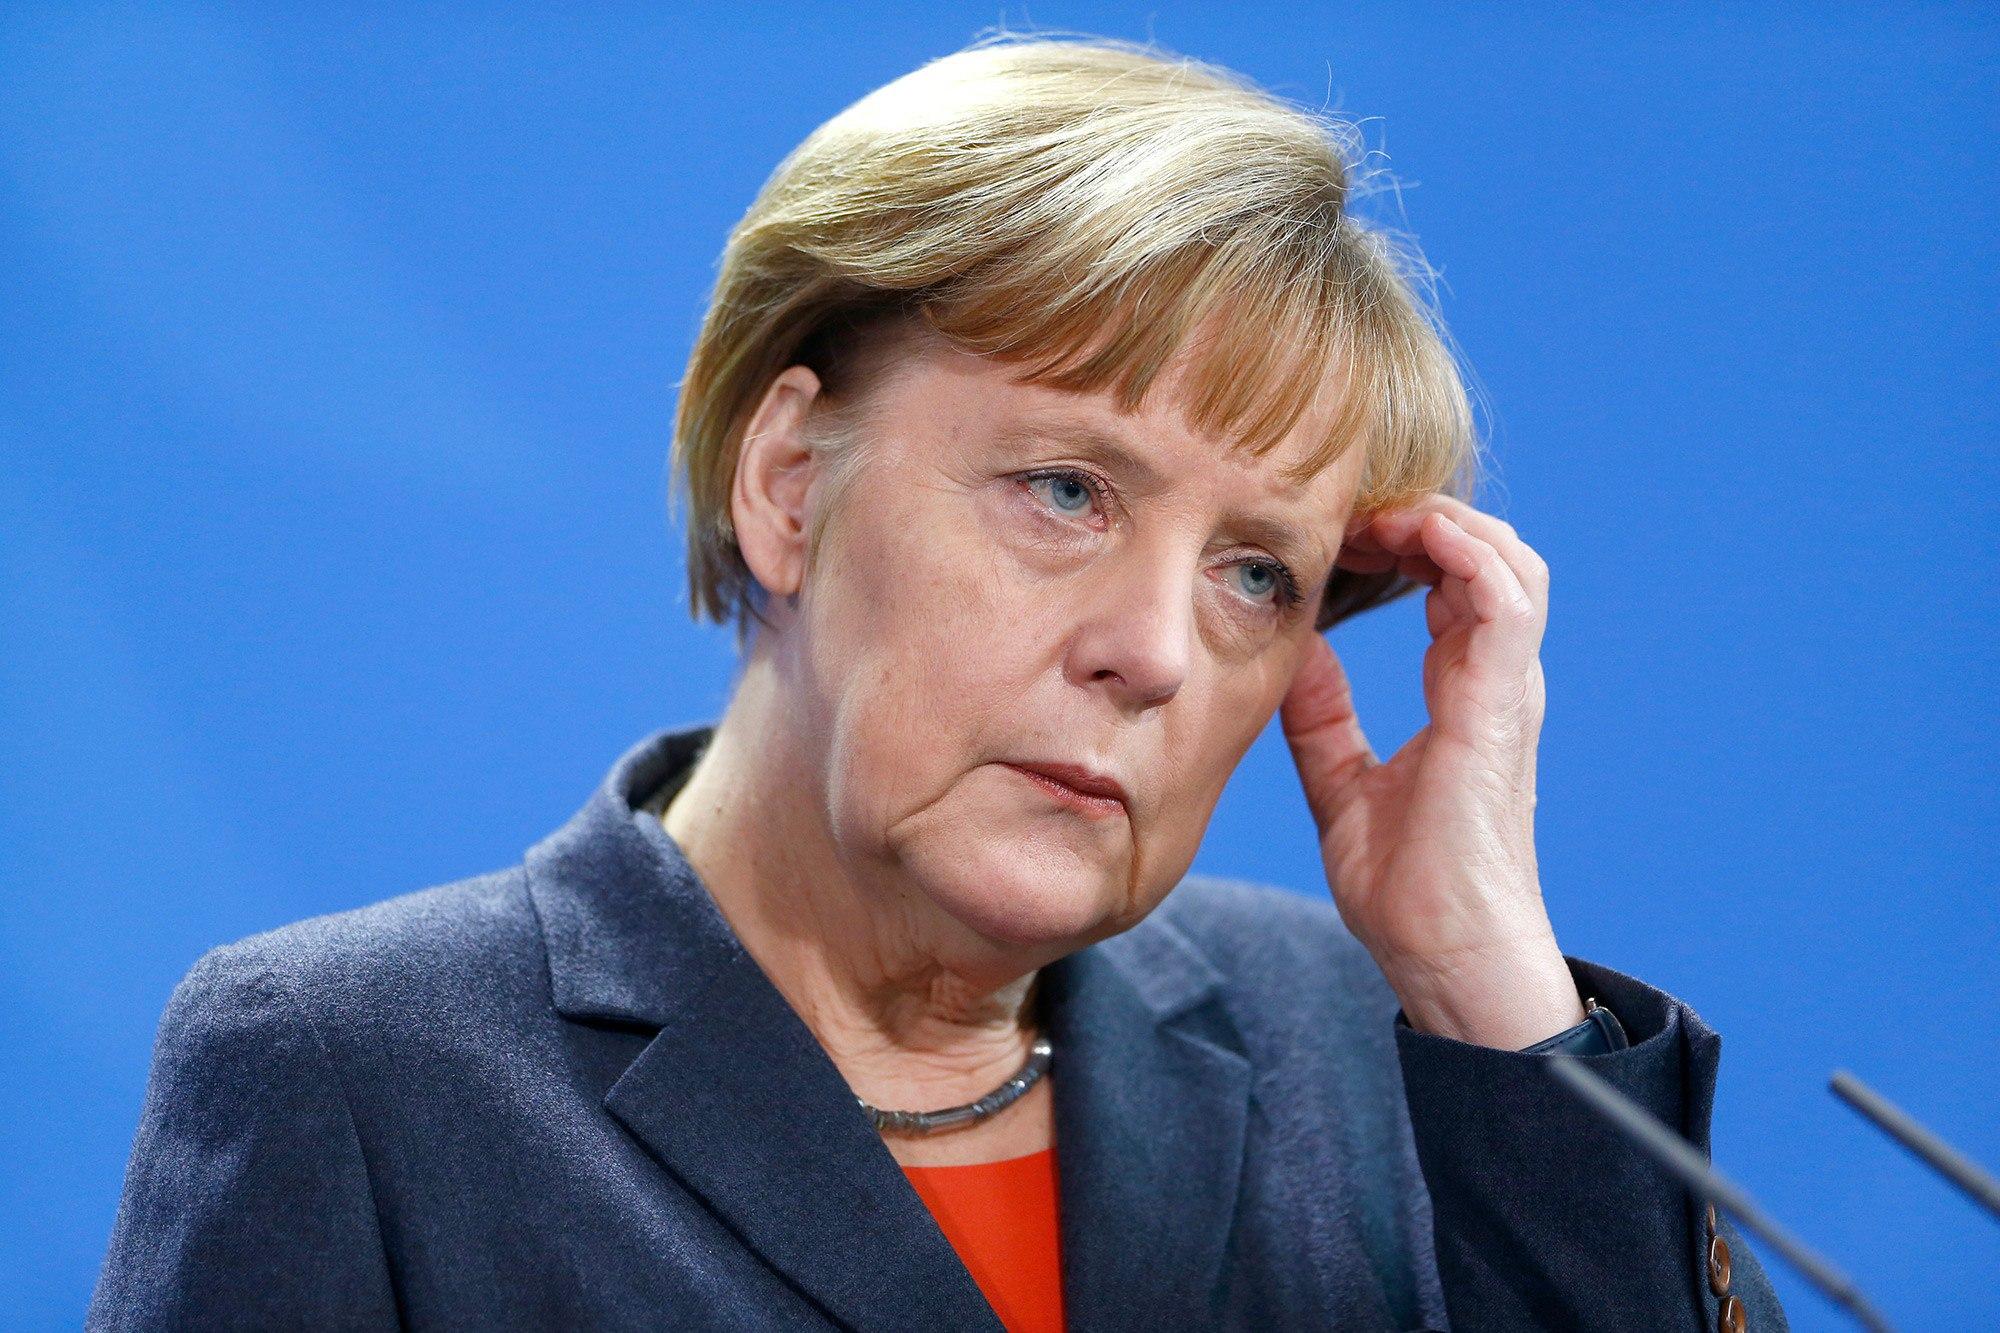 Попытка остаться на плаву: Меркель предложила запретить ношение мусульманской одежды